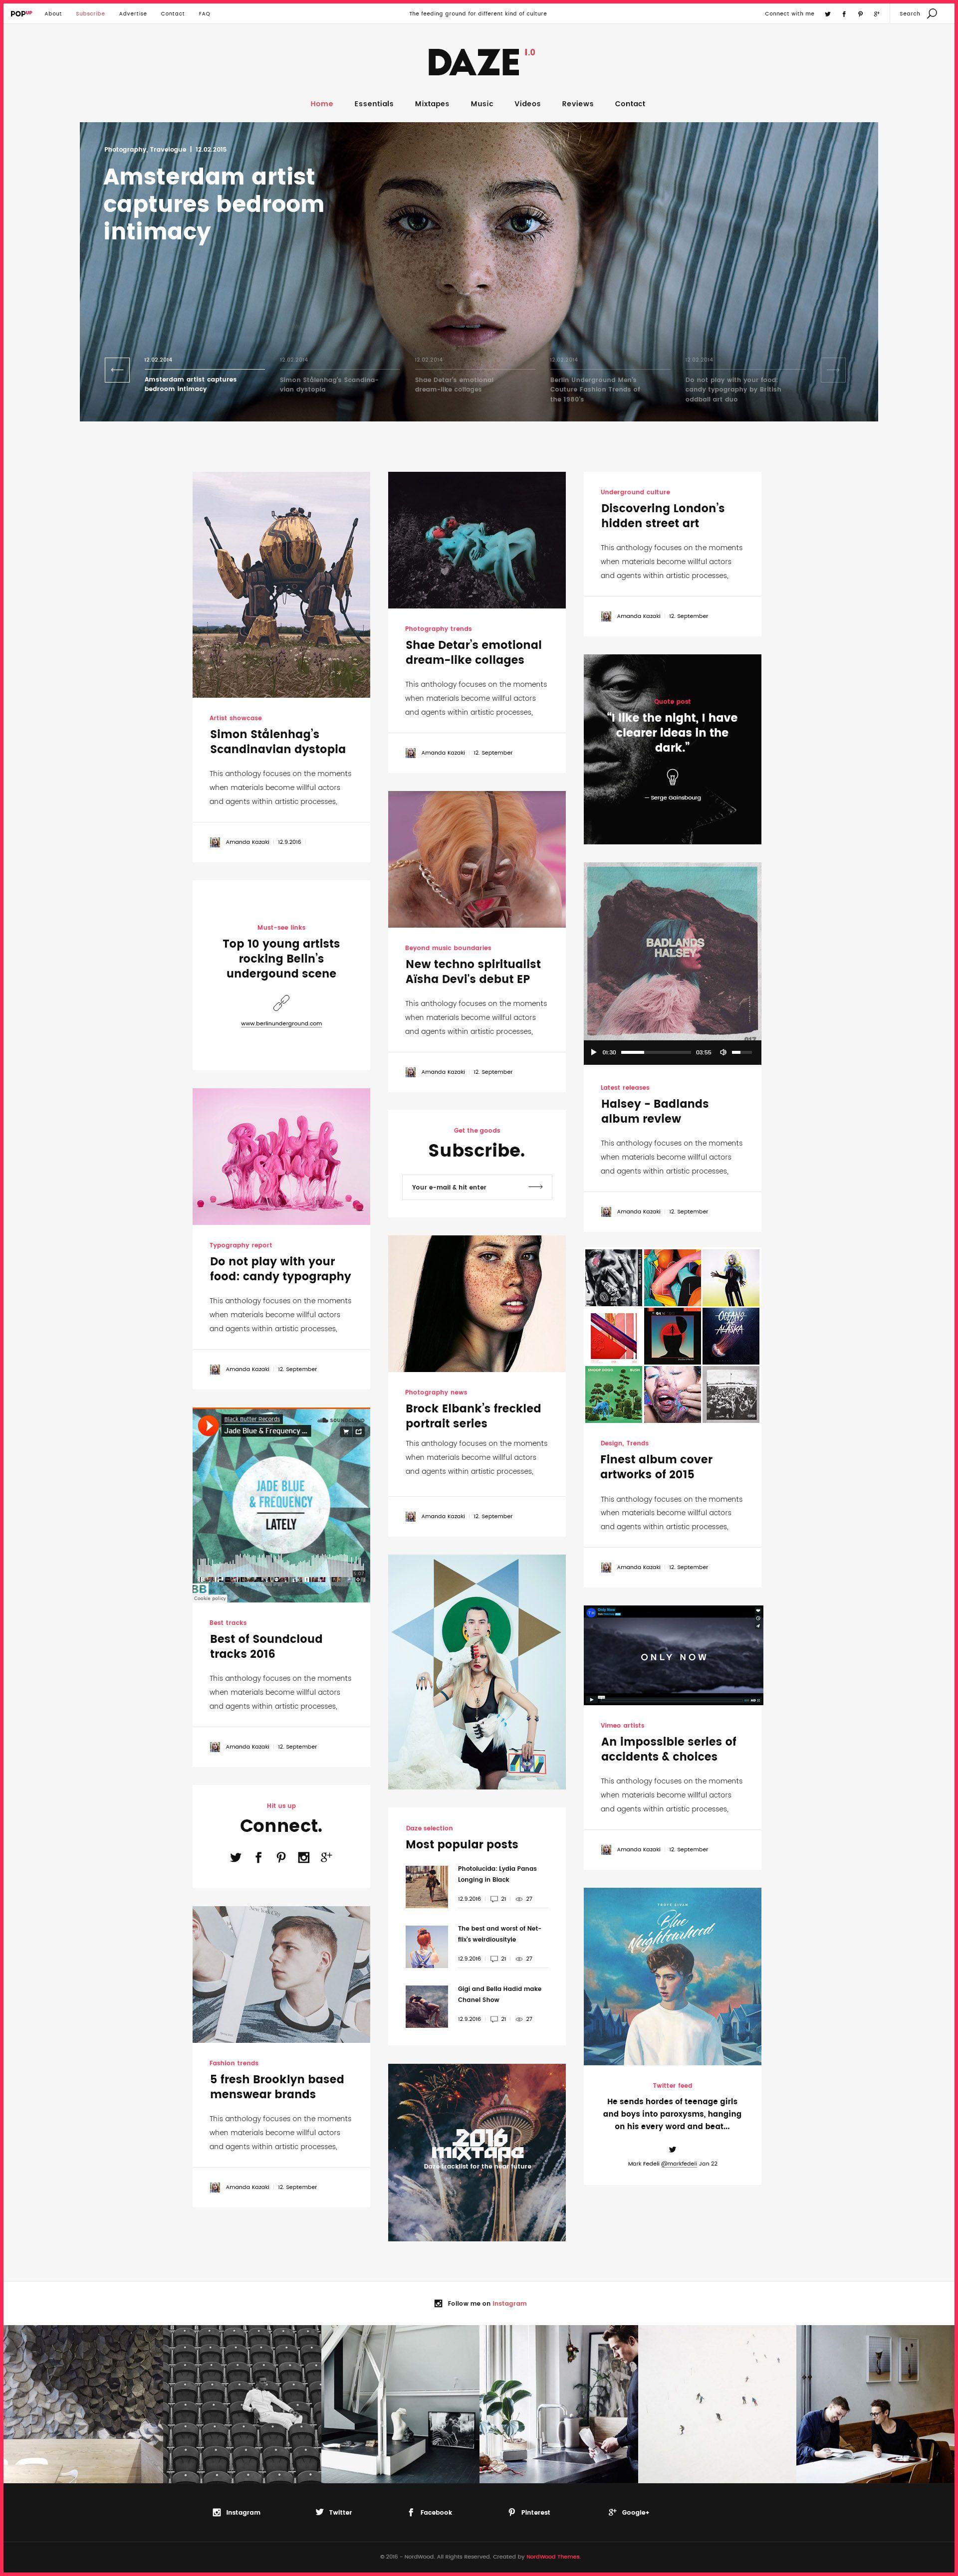 DAZE A True Wall Style Masonry Blog WordPress Theme